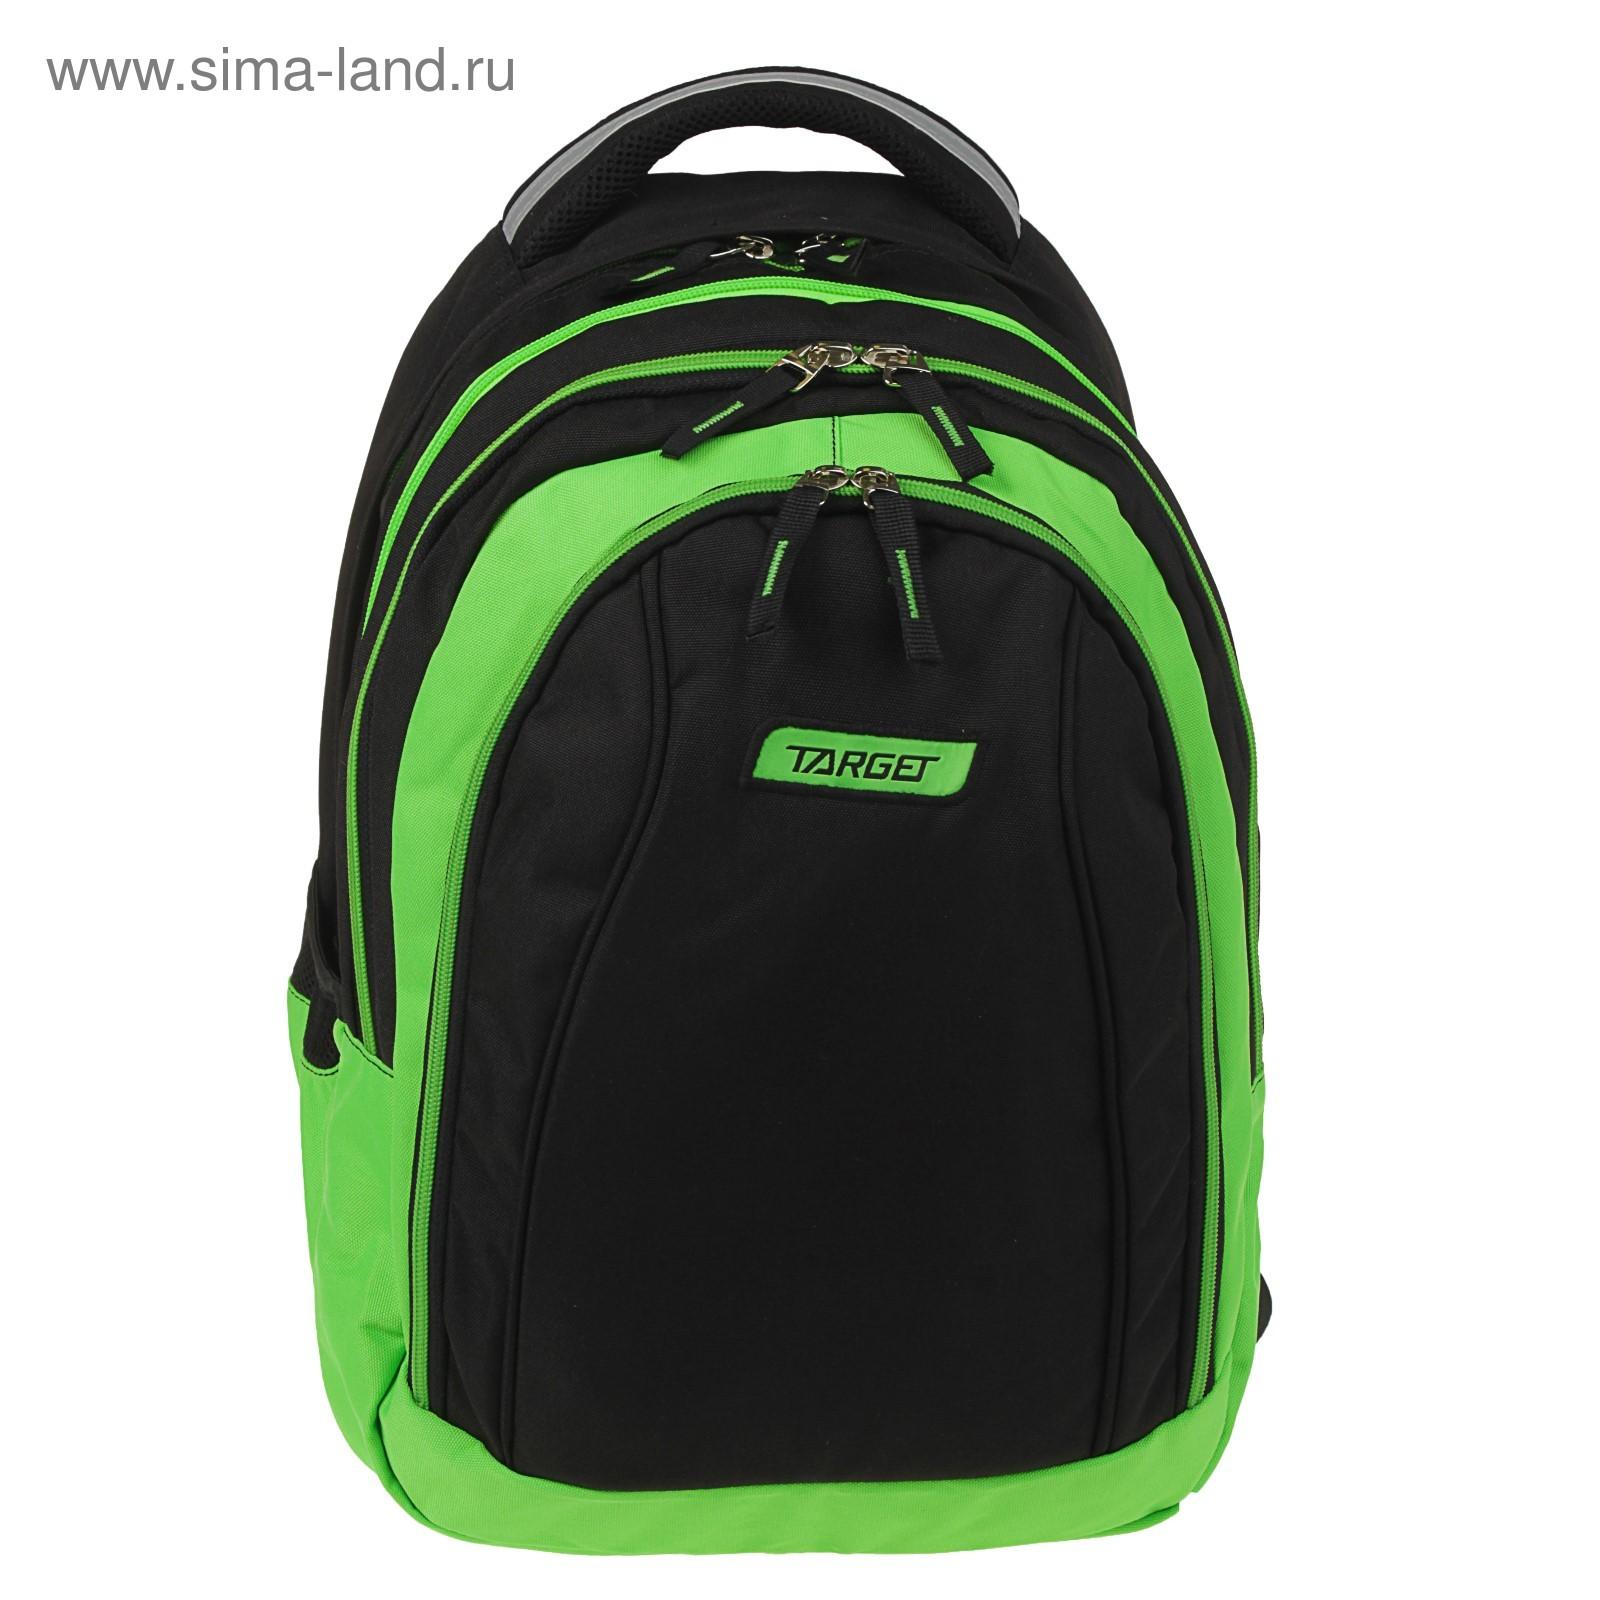 337ece105a61 Рюкзак молодежный эргономичная спинка Target 46*32*18 2 рюкзака в одном  Green apple